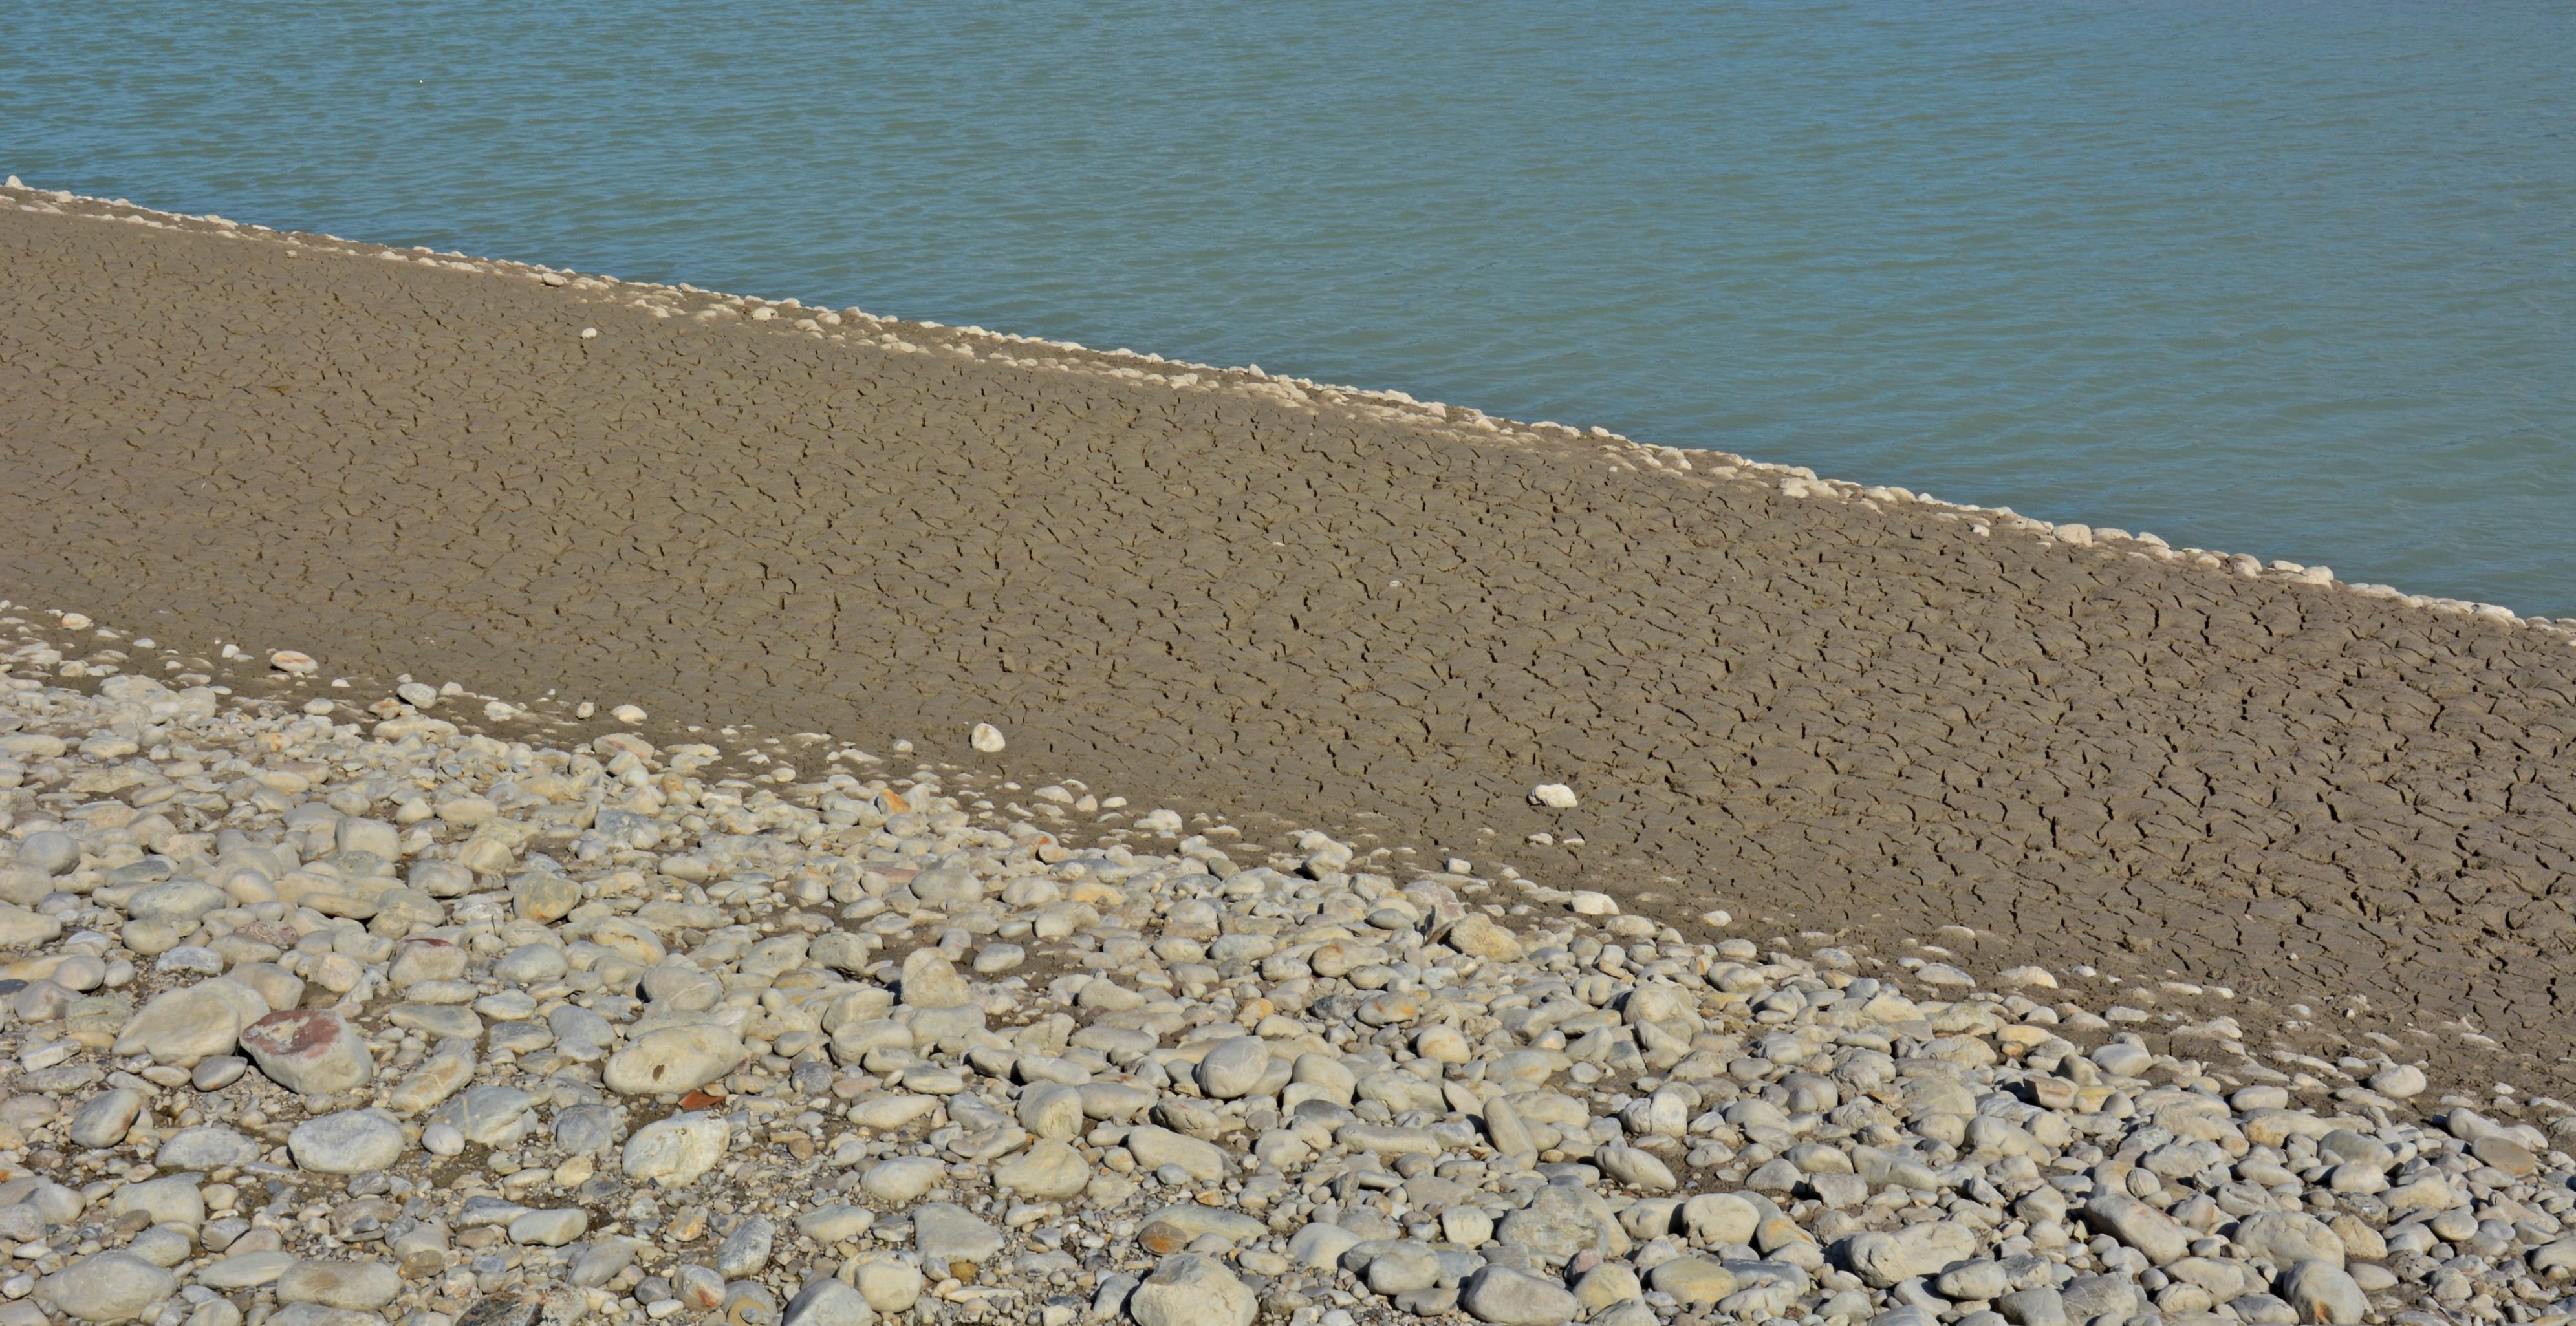 G0274 Seegrundstrukturen Forggensee.jpg